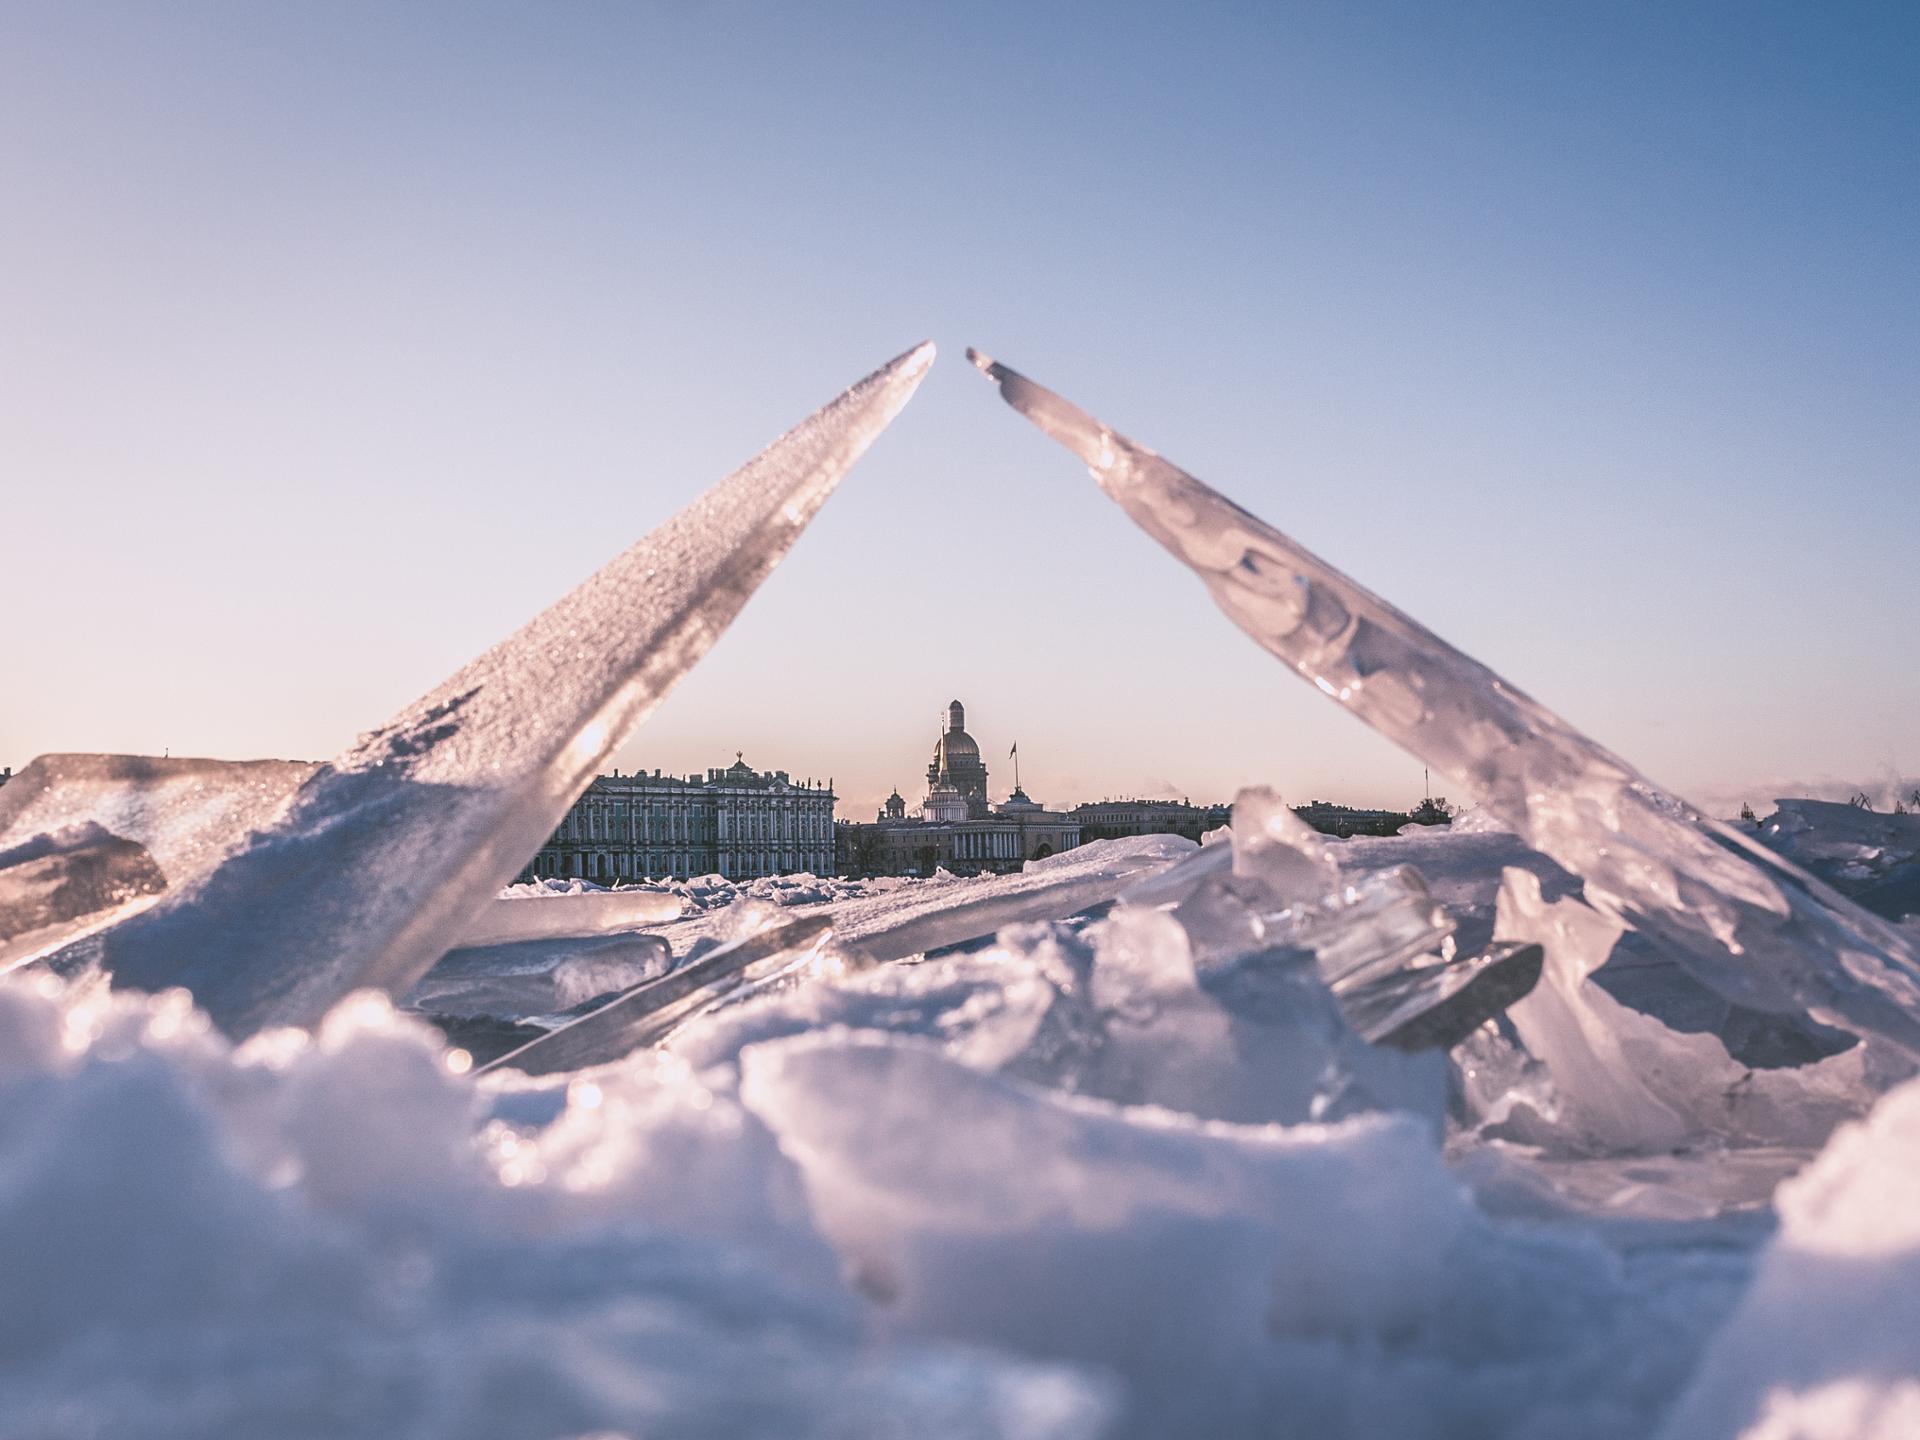 Bridge of ice